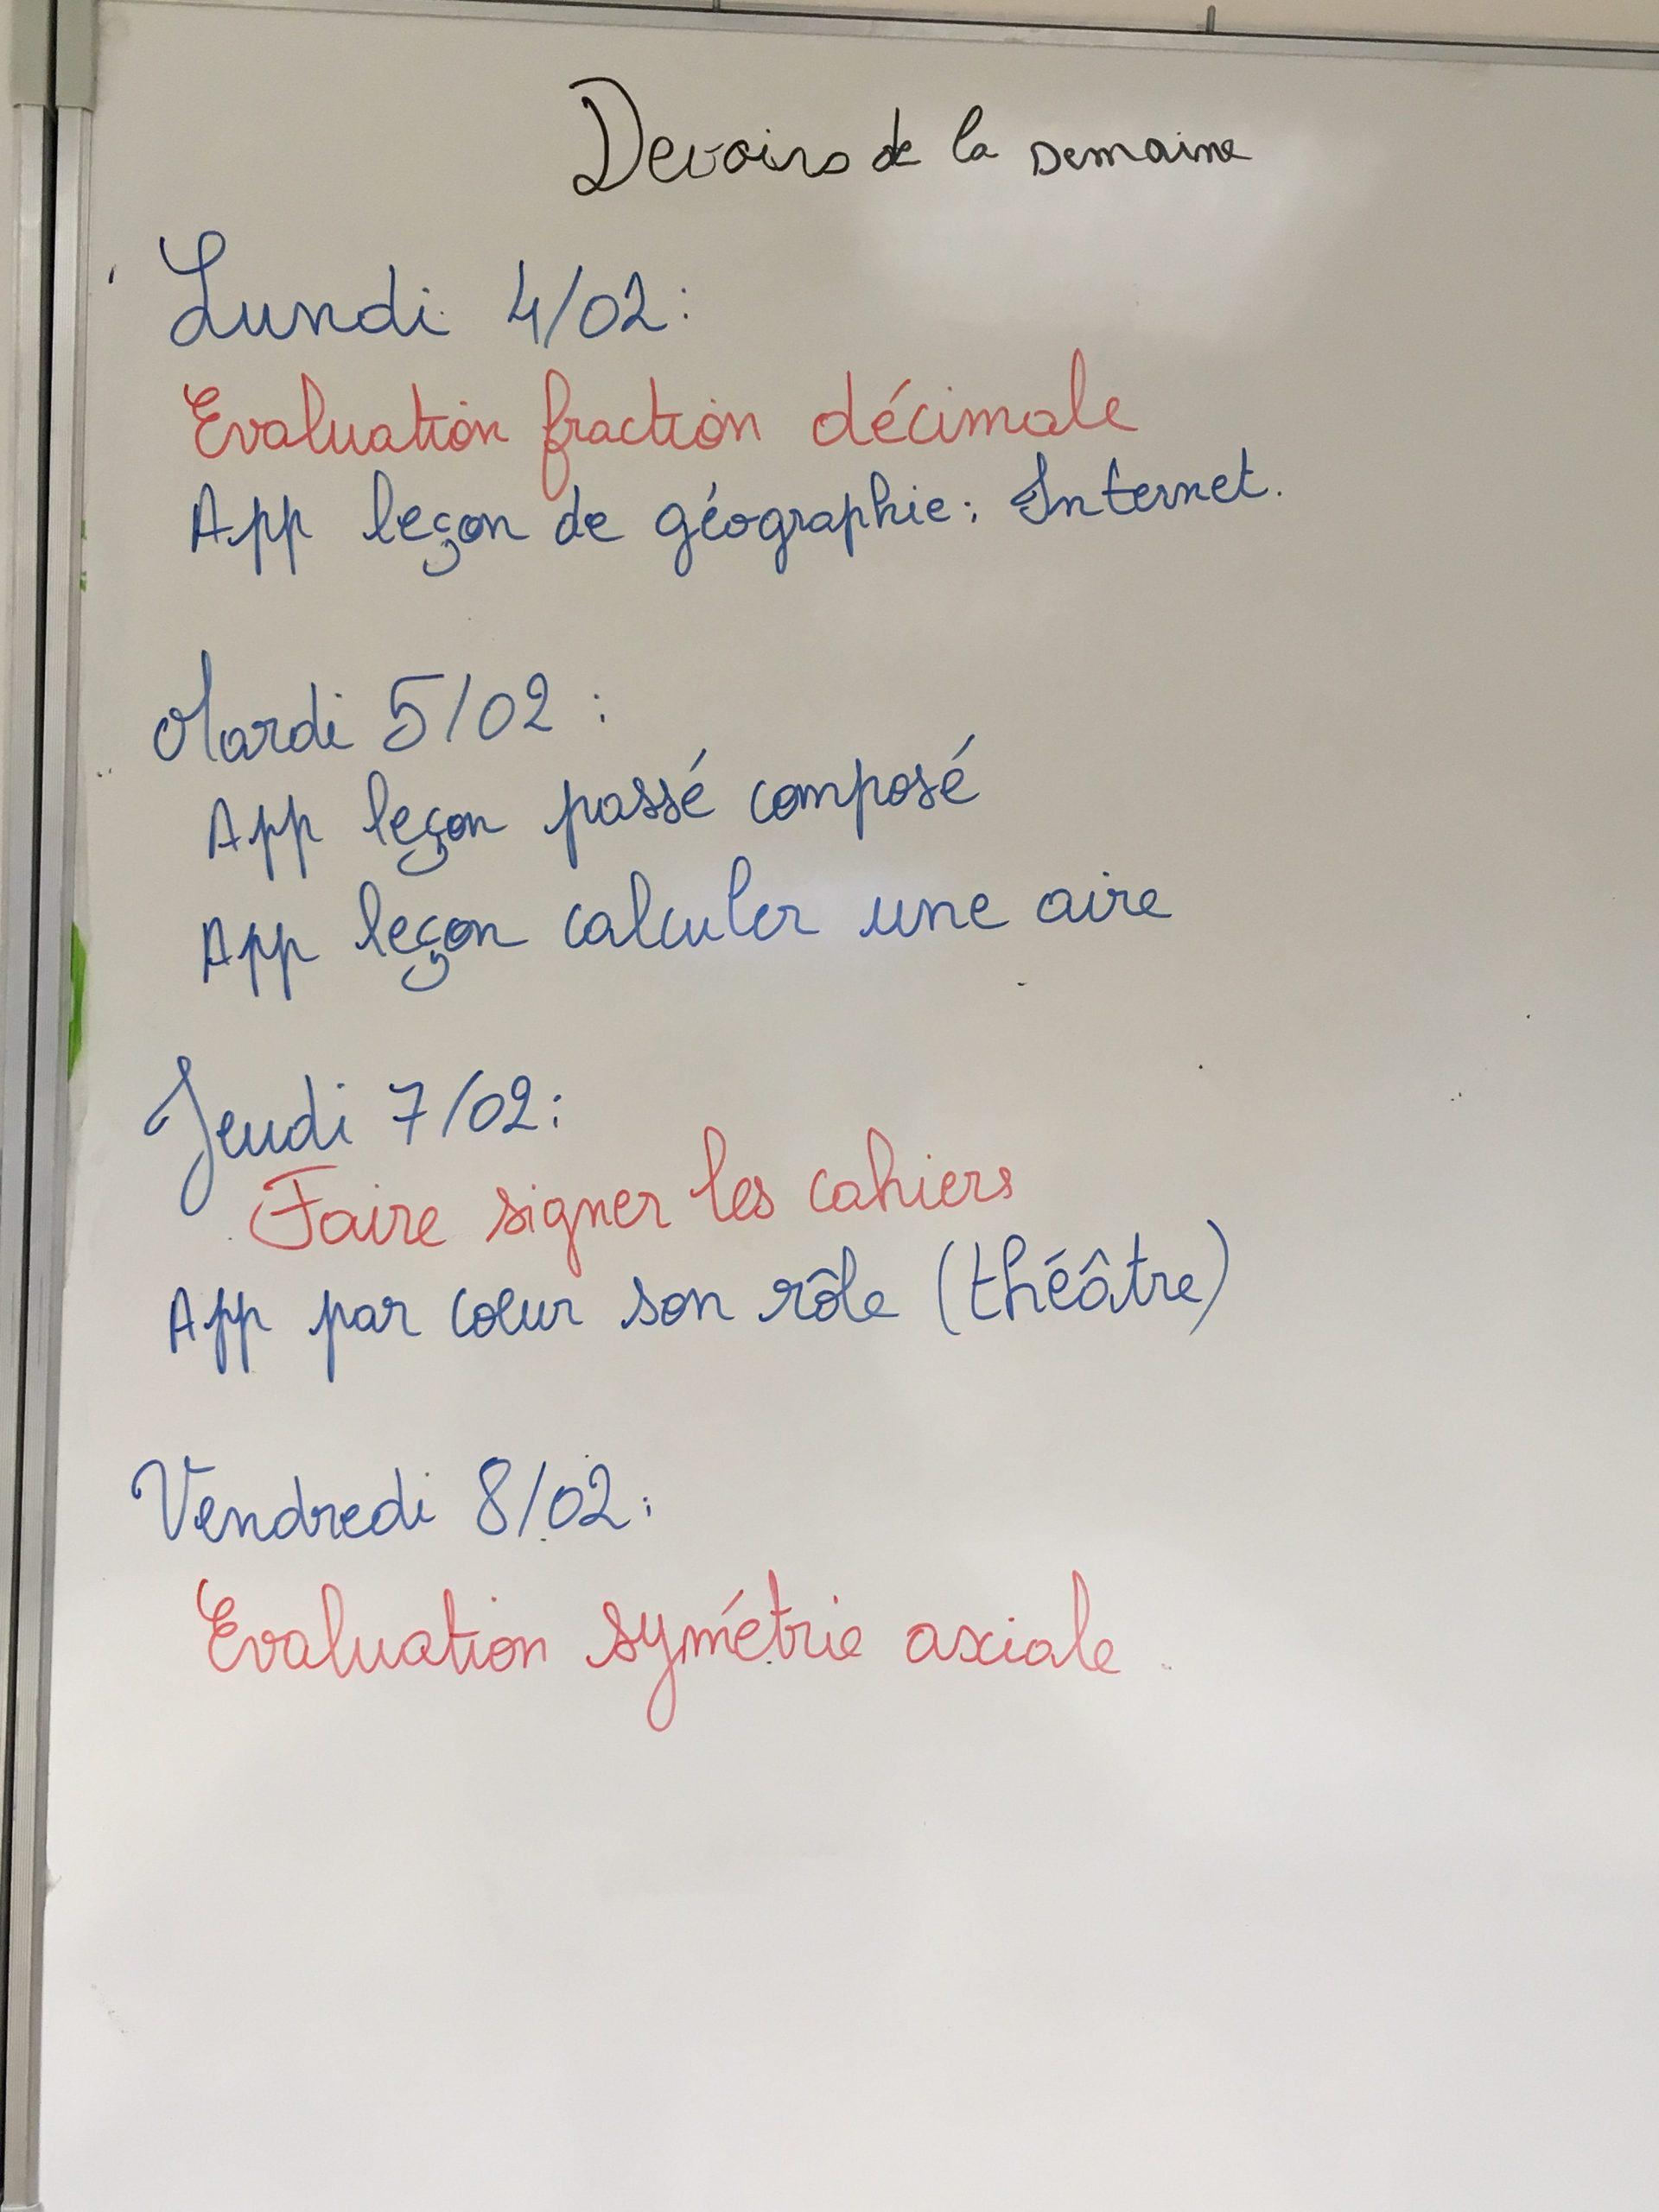 Lecons Cm1/cm2 | Ecole Victor Hugo – L'habit dedans Évaluation Cm1 Symétrie